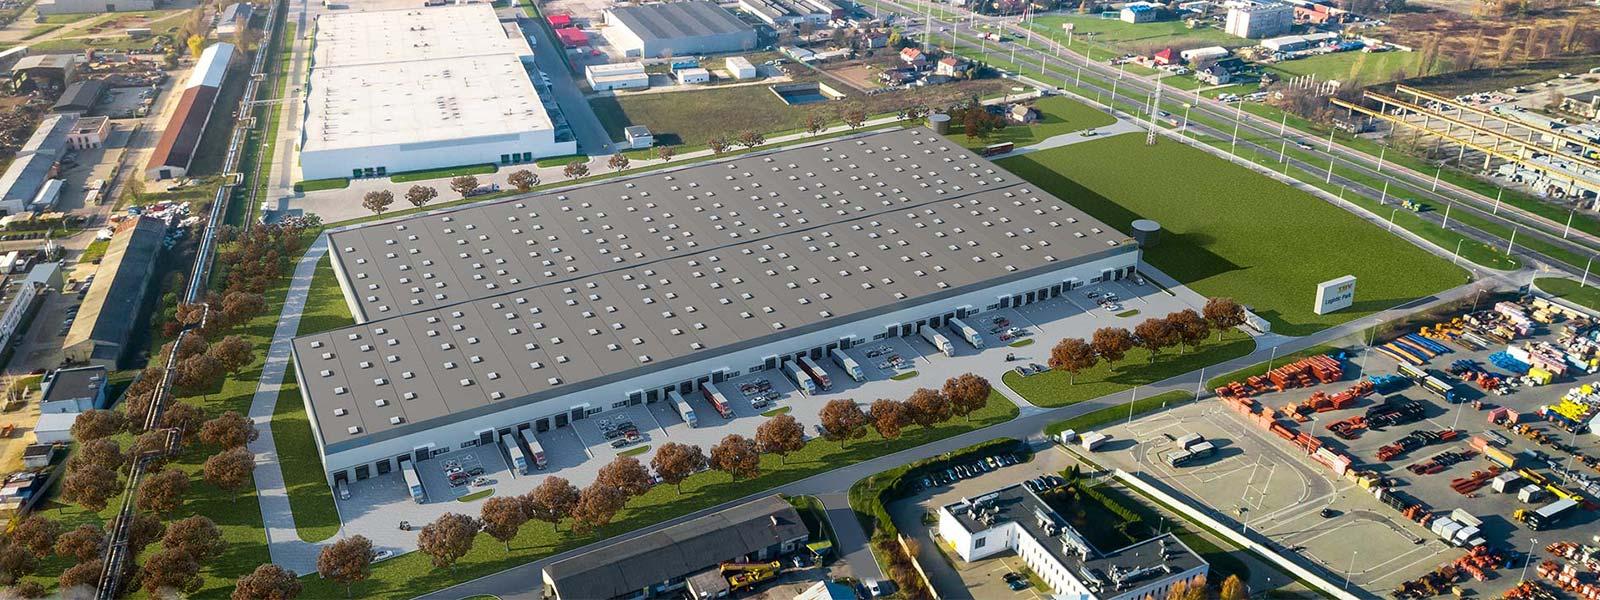 TBV Logistic Park wynajmij powierzchnie magazynowe - TNGS Tomasz Karman - Biuro Obsługi Inwestora - Lublin